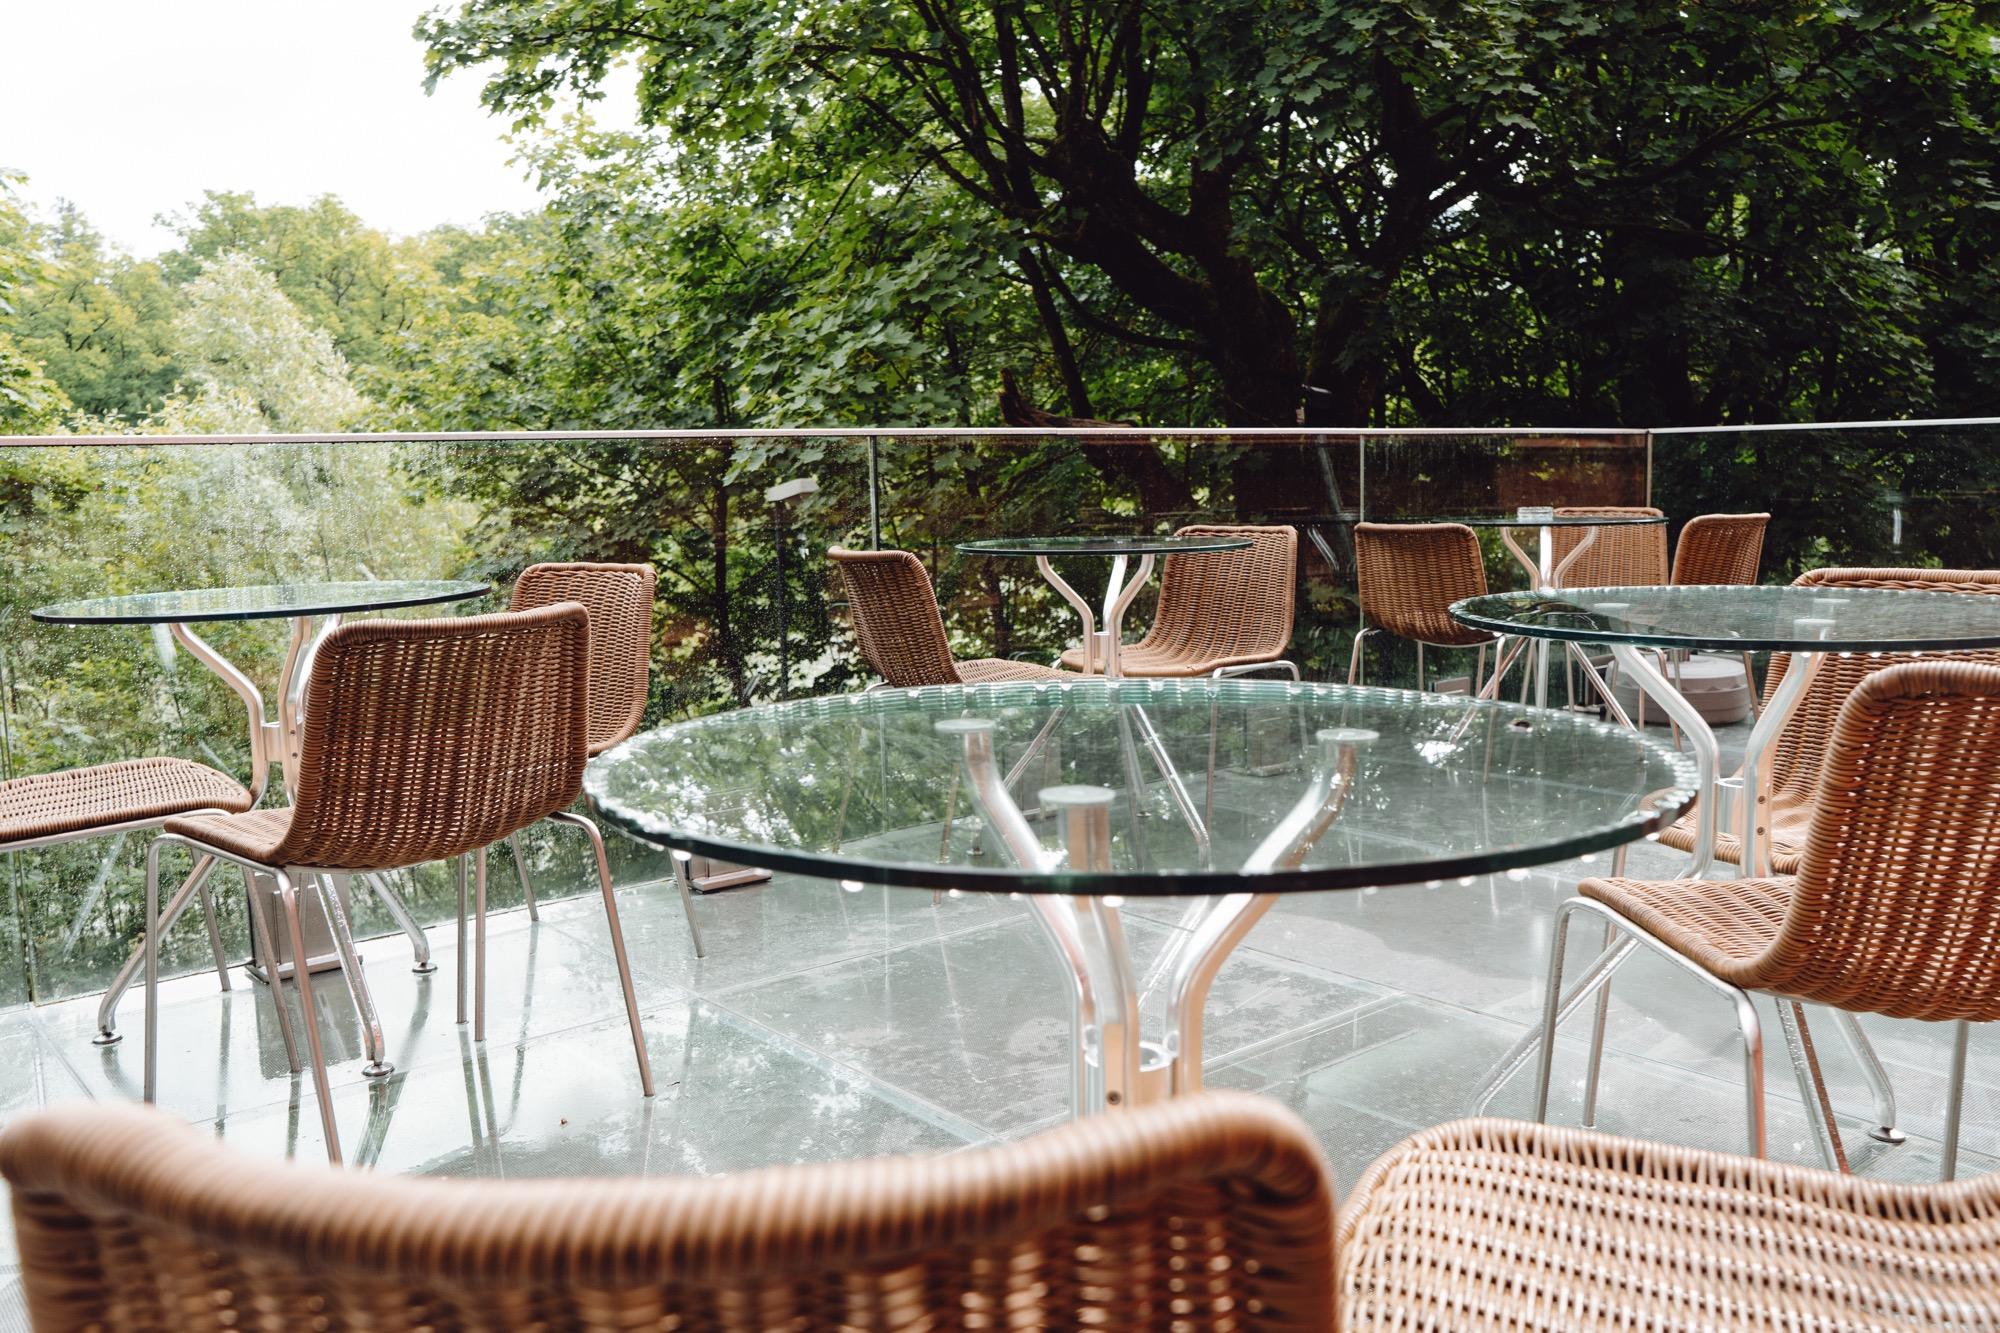 Wo Sich Ein Besuch Definitiv Lohnt: Küche, Baumhaus Und Flairu2026